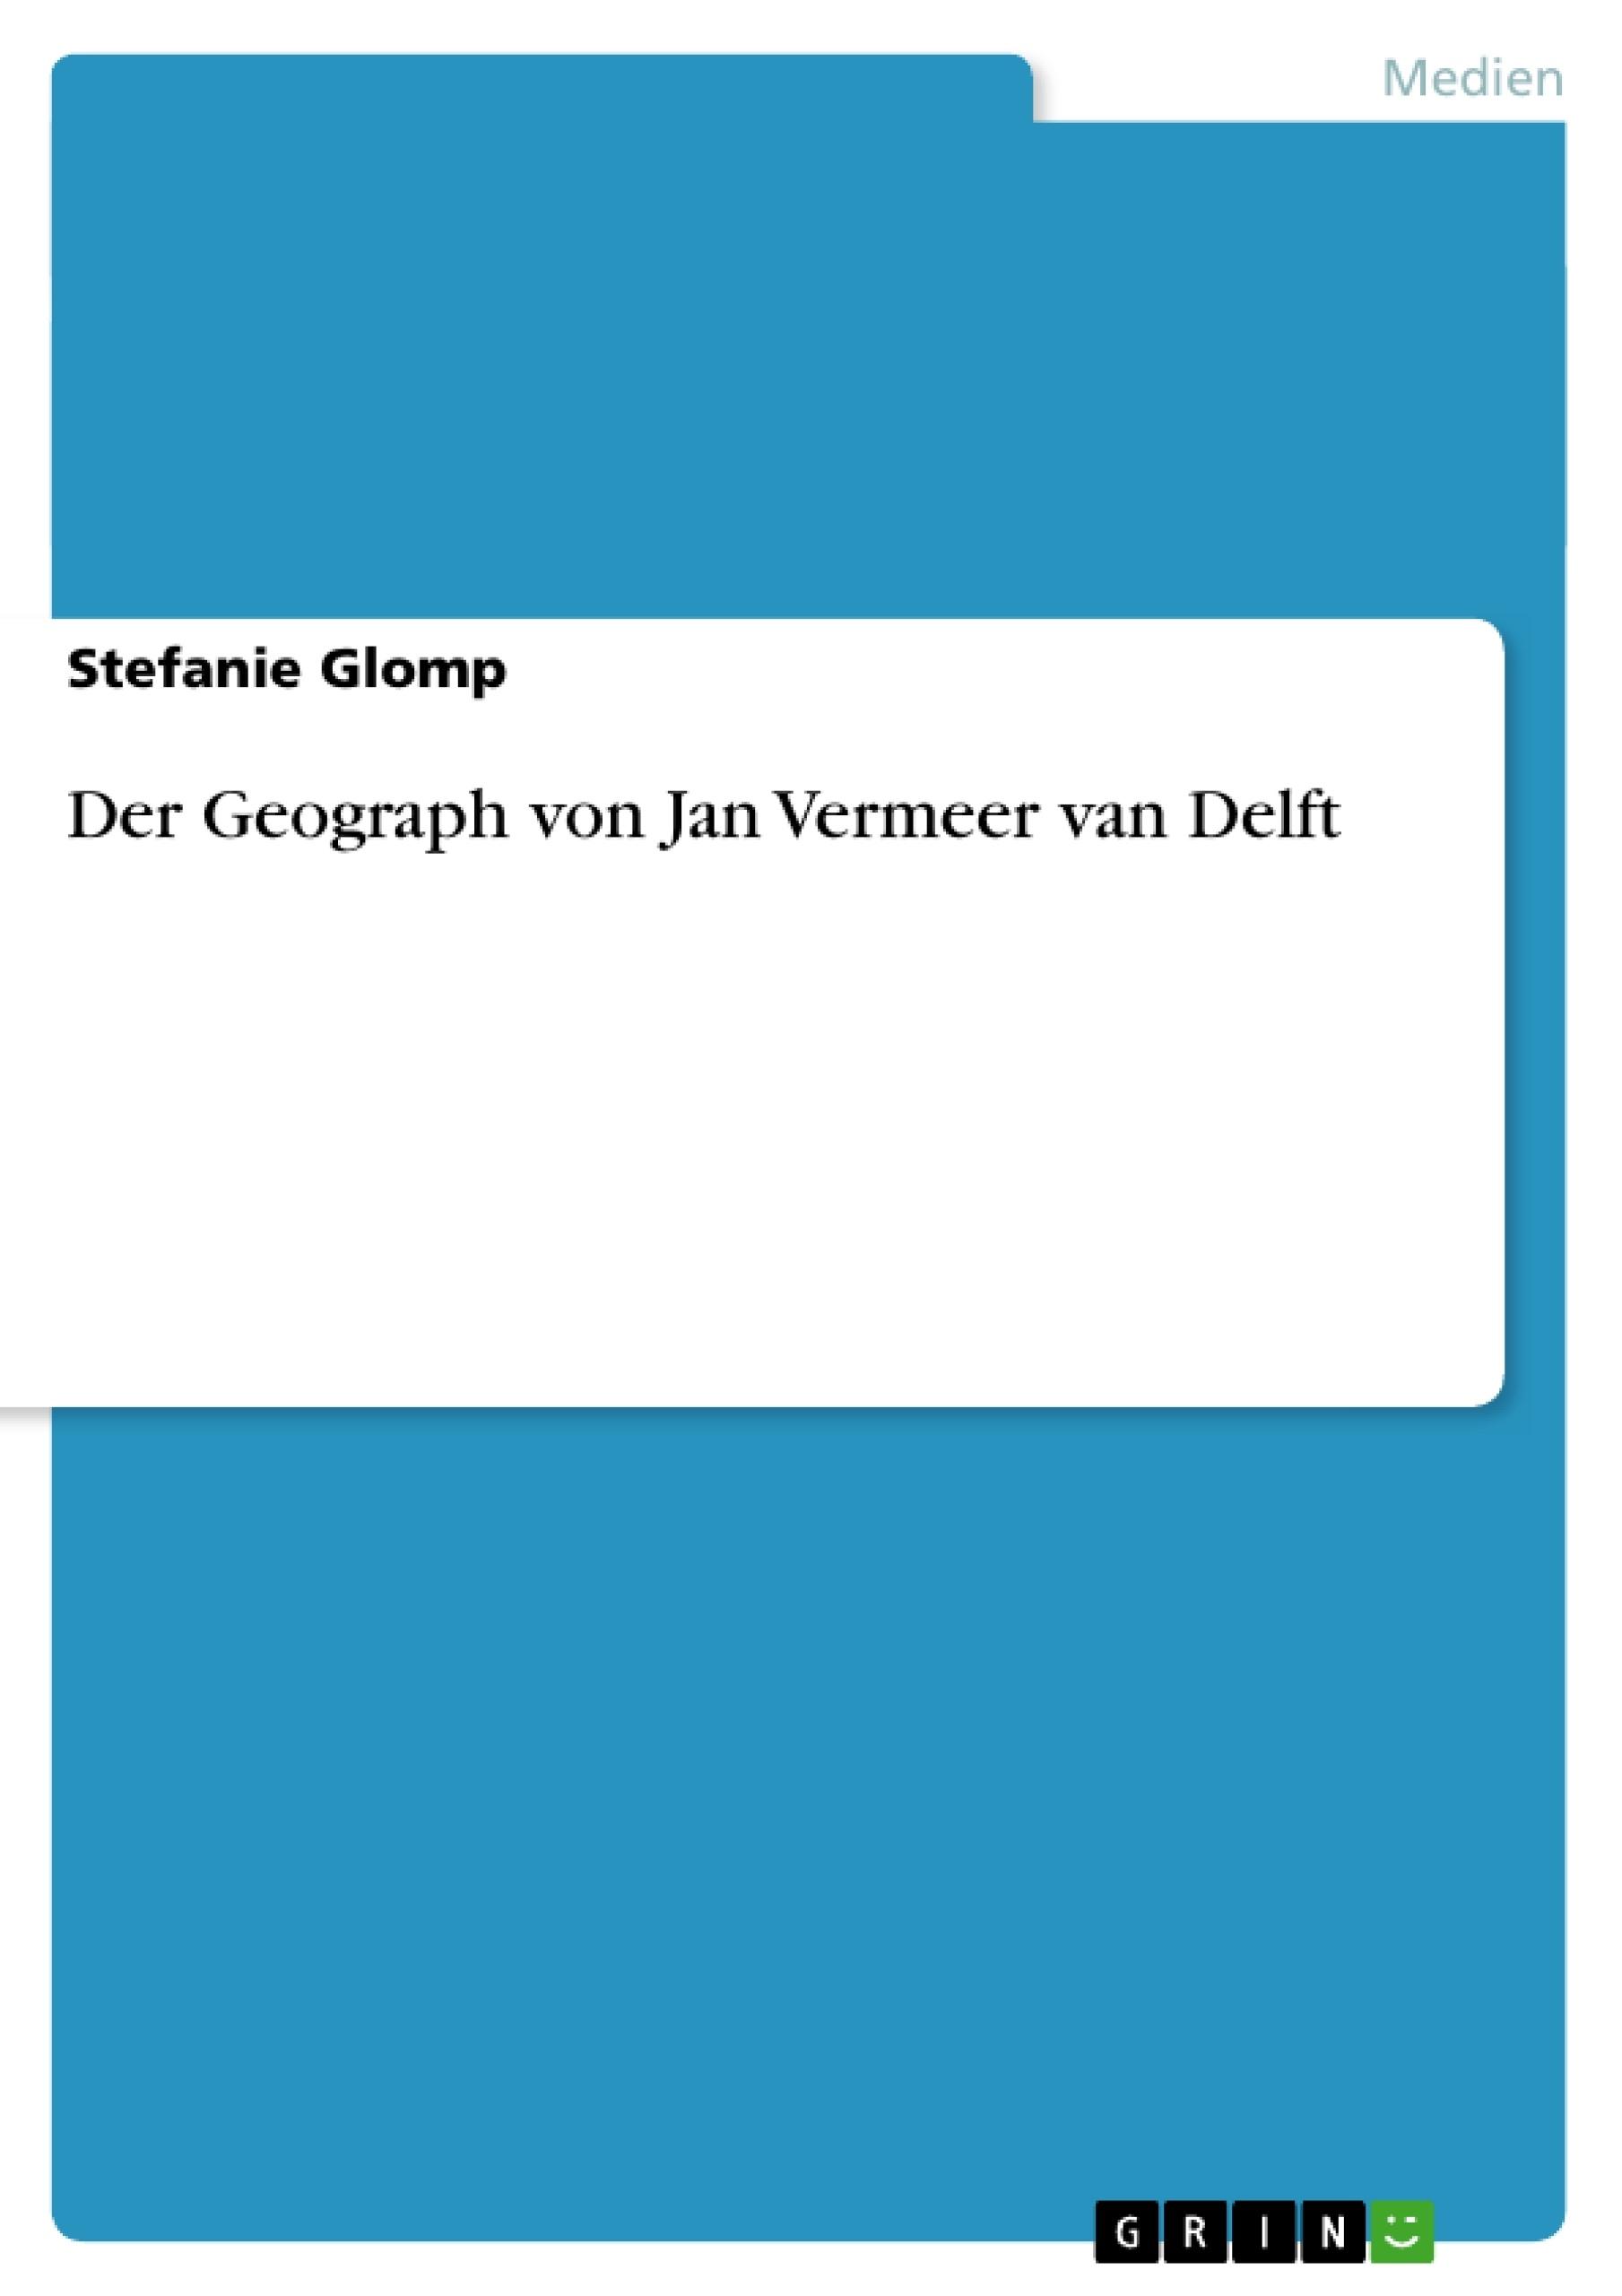 Titel: Der Geograph von Jan Vermeer van Delft